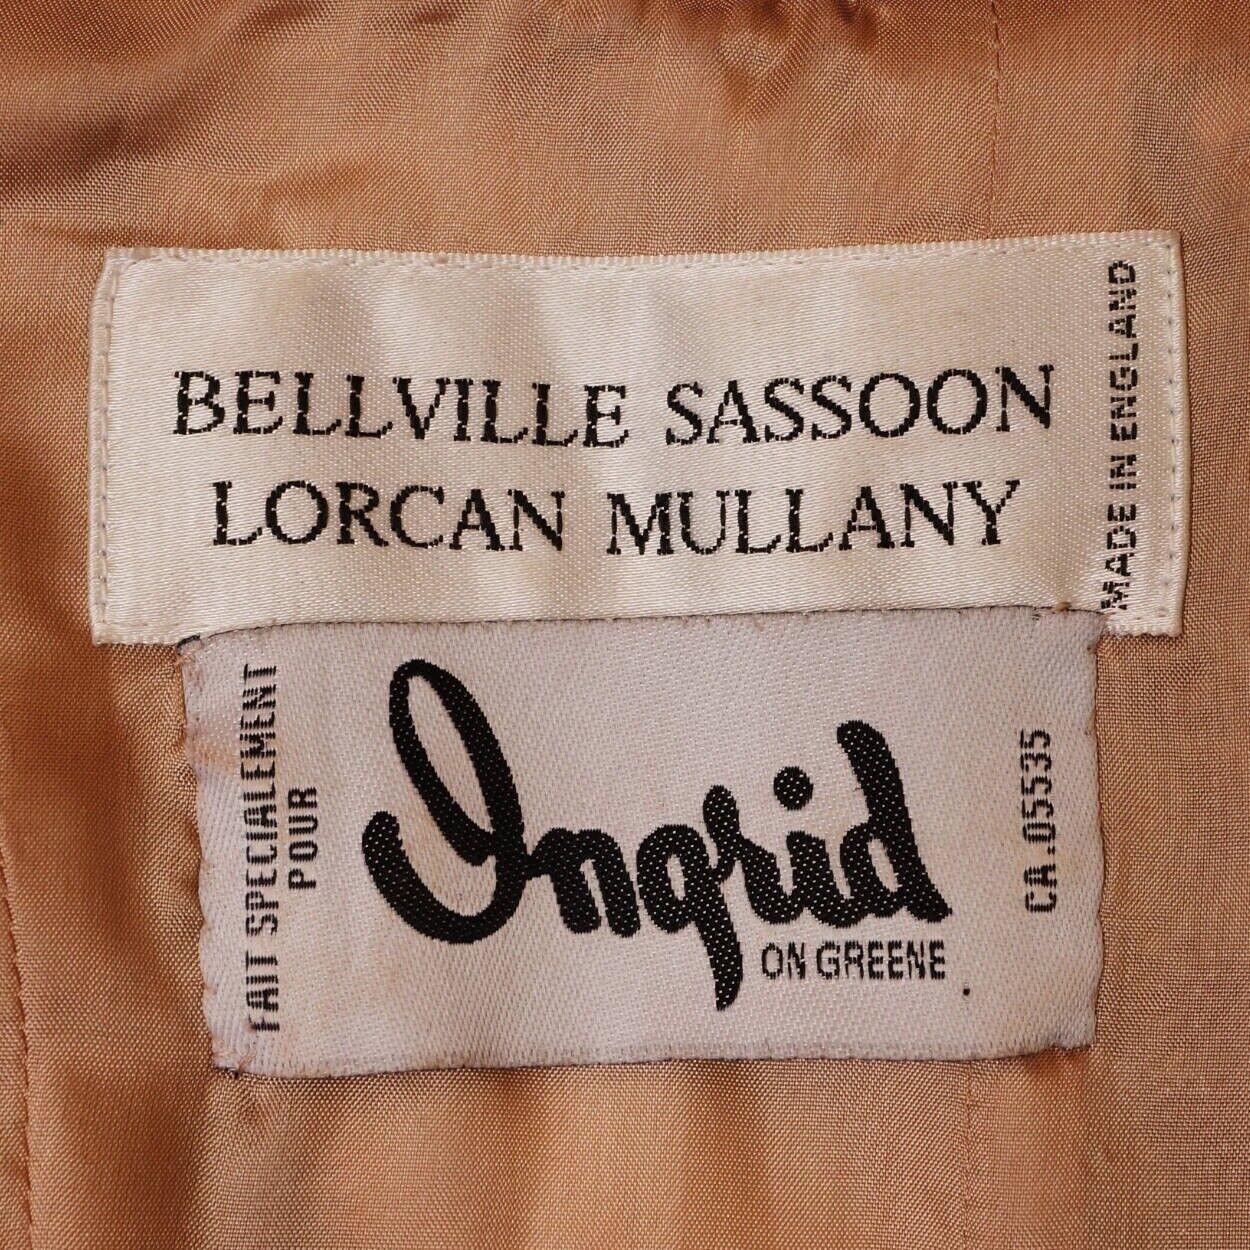 Vintage 1990s Black Lace Corset Top - Bellville S… - image 5